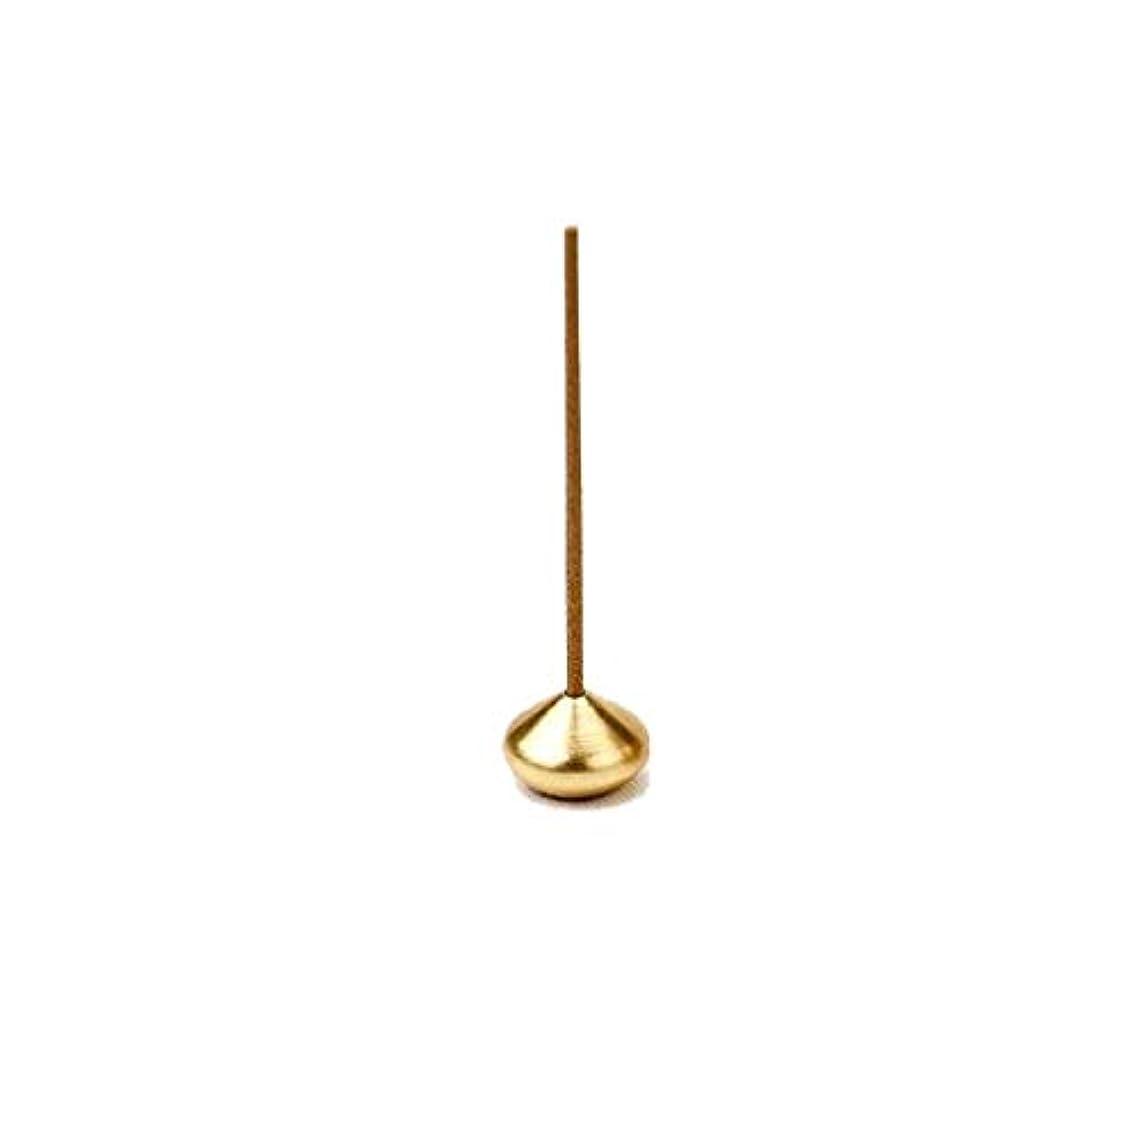 美しい散髪活性化銅香炉ラウンドひょうたん型香スティックコイルボトルバーナーホルダー多孔性香ホルダーホームフレグランス (Color : B)